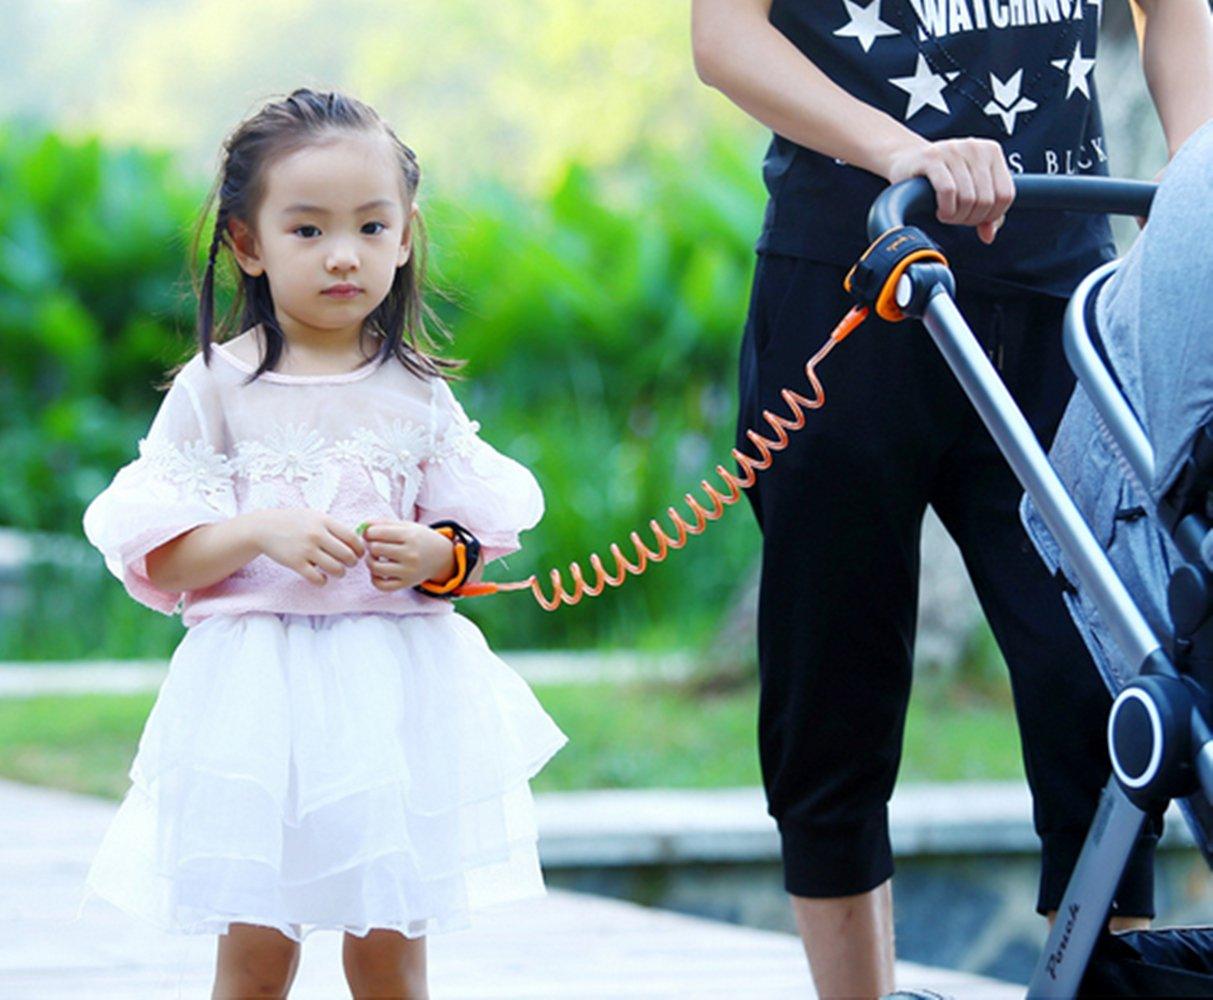 Reisen und Sicherheit mit Gelenk-Verbindung mit 23/ 1.5/m Ecosway Kinder anti-lost extension-type Kinder-Traction Seil Shopping